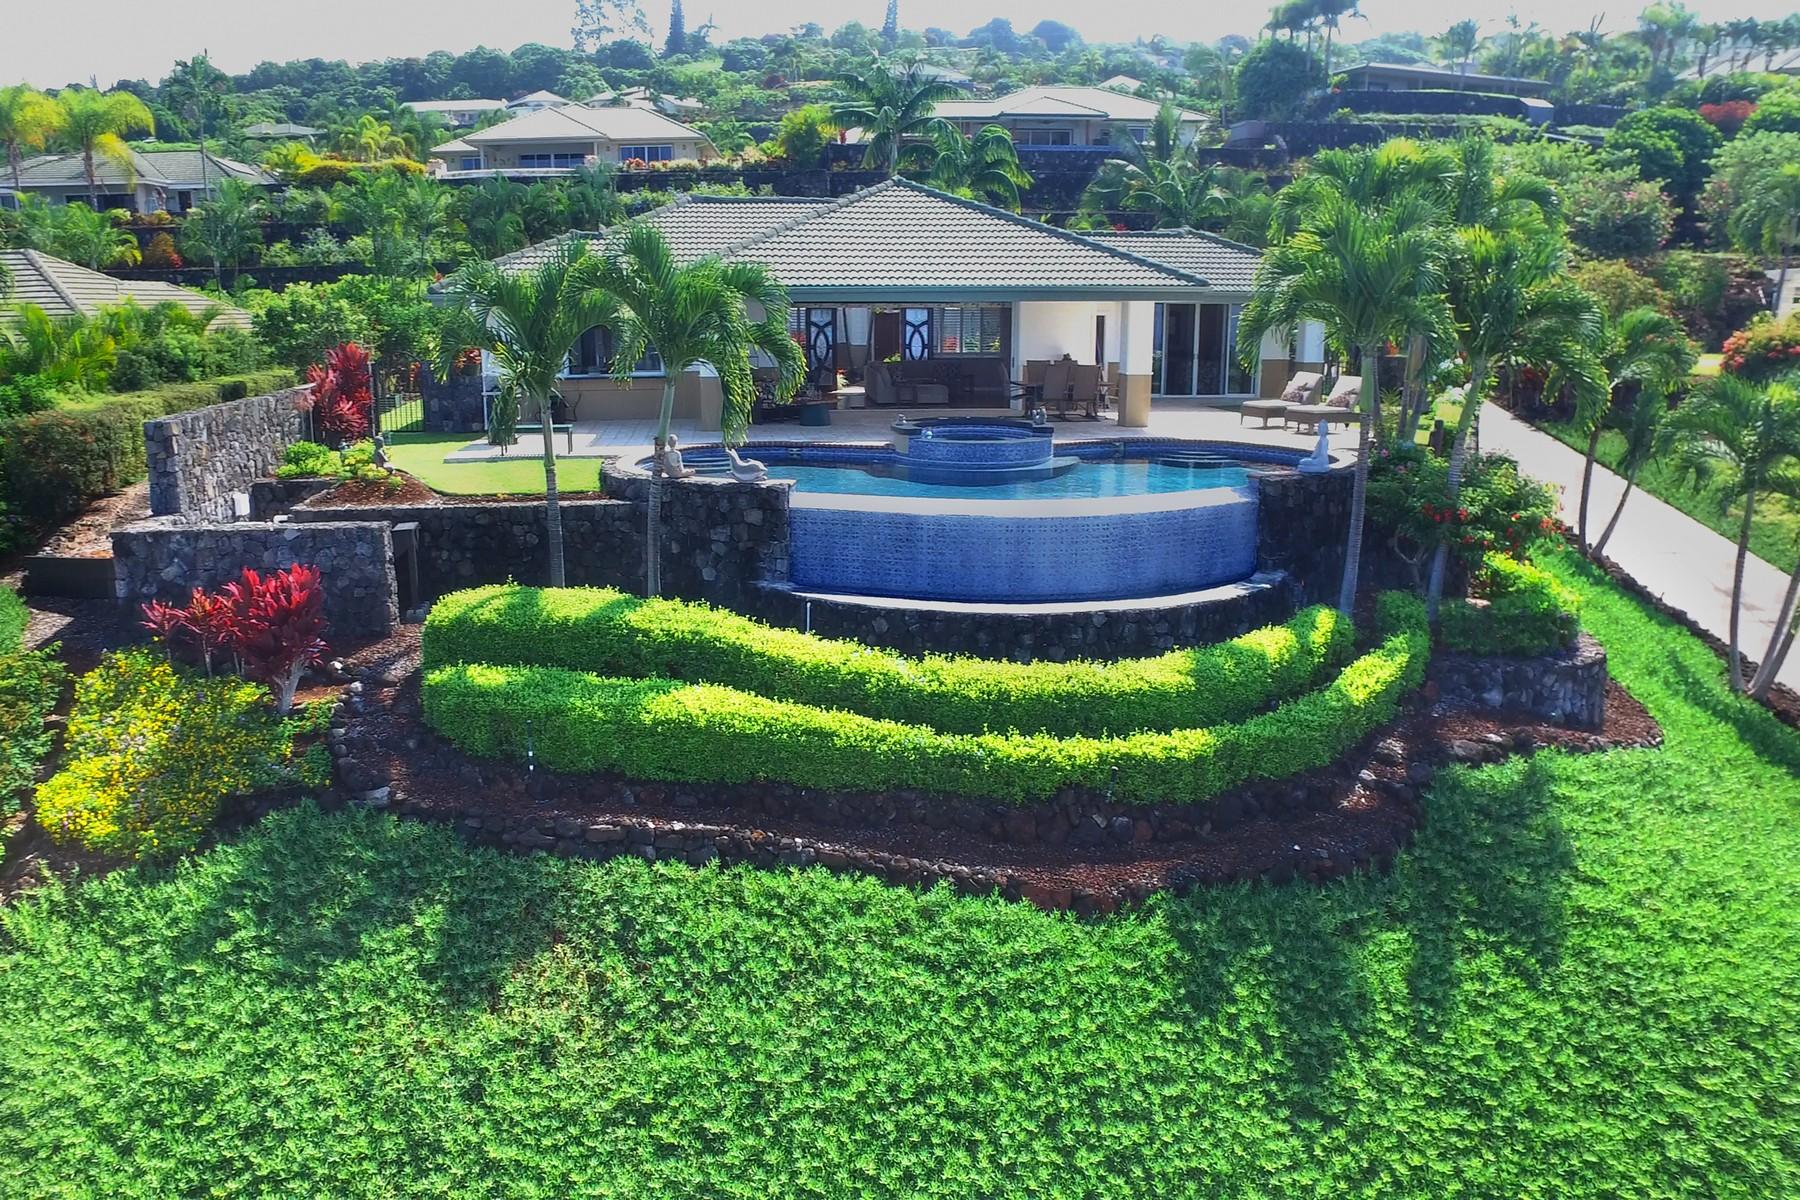 Single Family Home for Sale at Iolani Subdivision 78-864 N. Pueo Pl Kailua-Kona, Hawaii 96740 United States